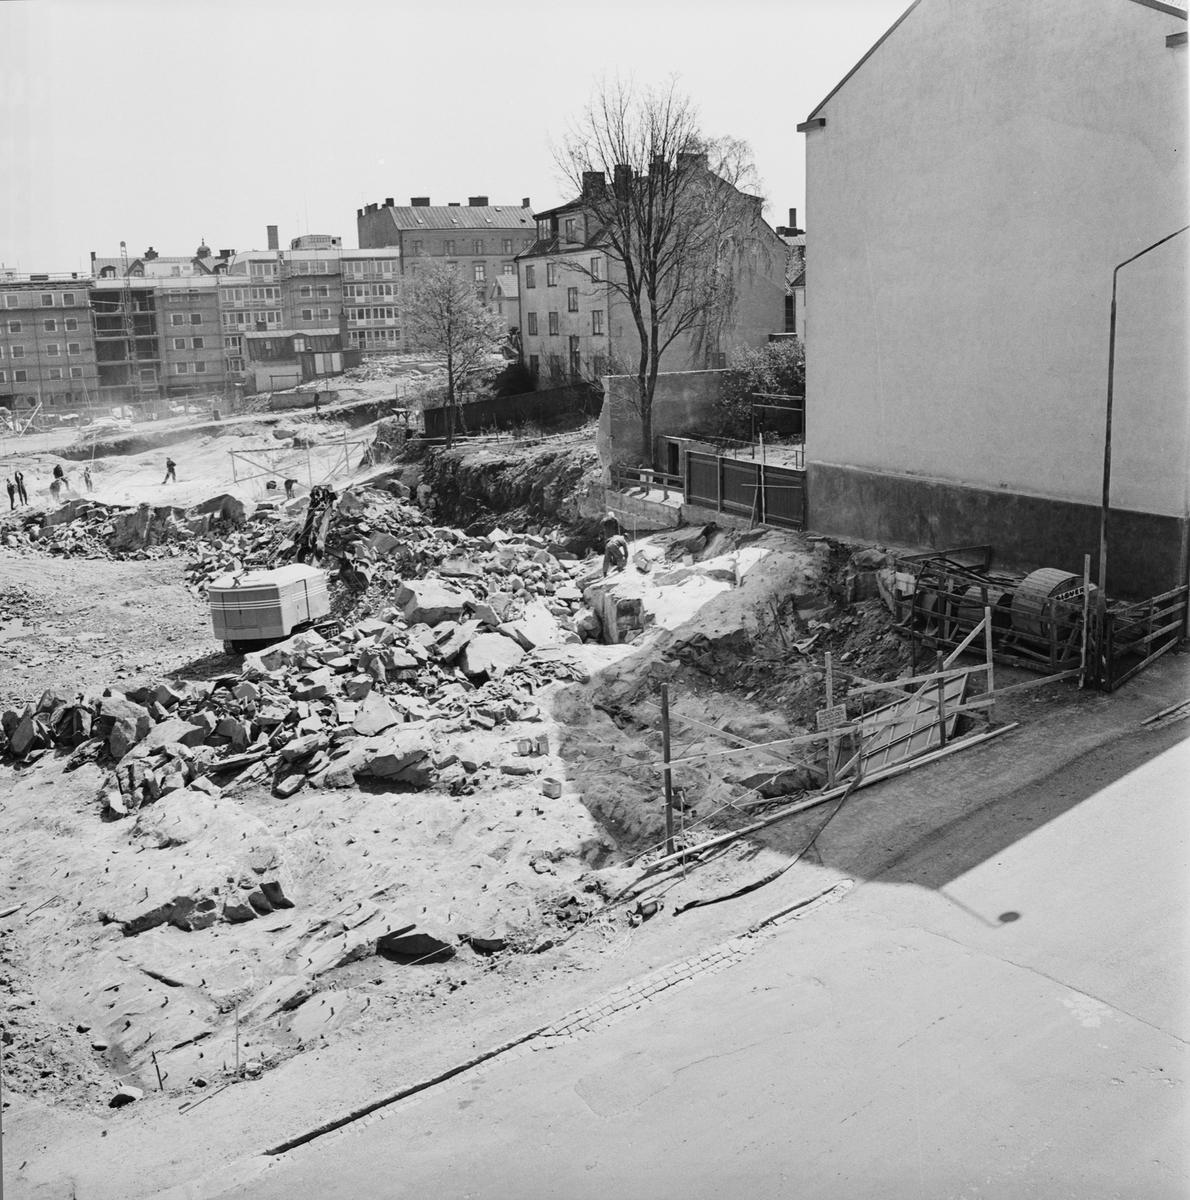 Övrigt: Foto datum: 21/5 1965 Byggnader och kranar Kvarteret Pollux